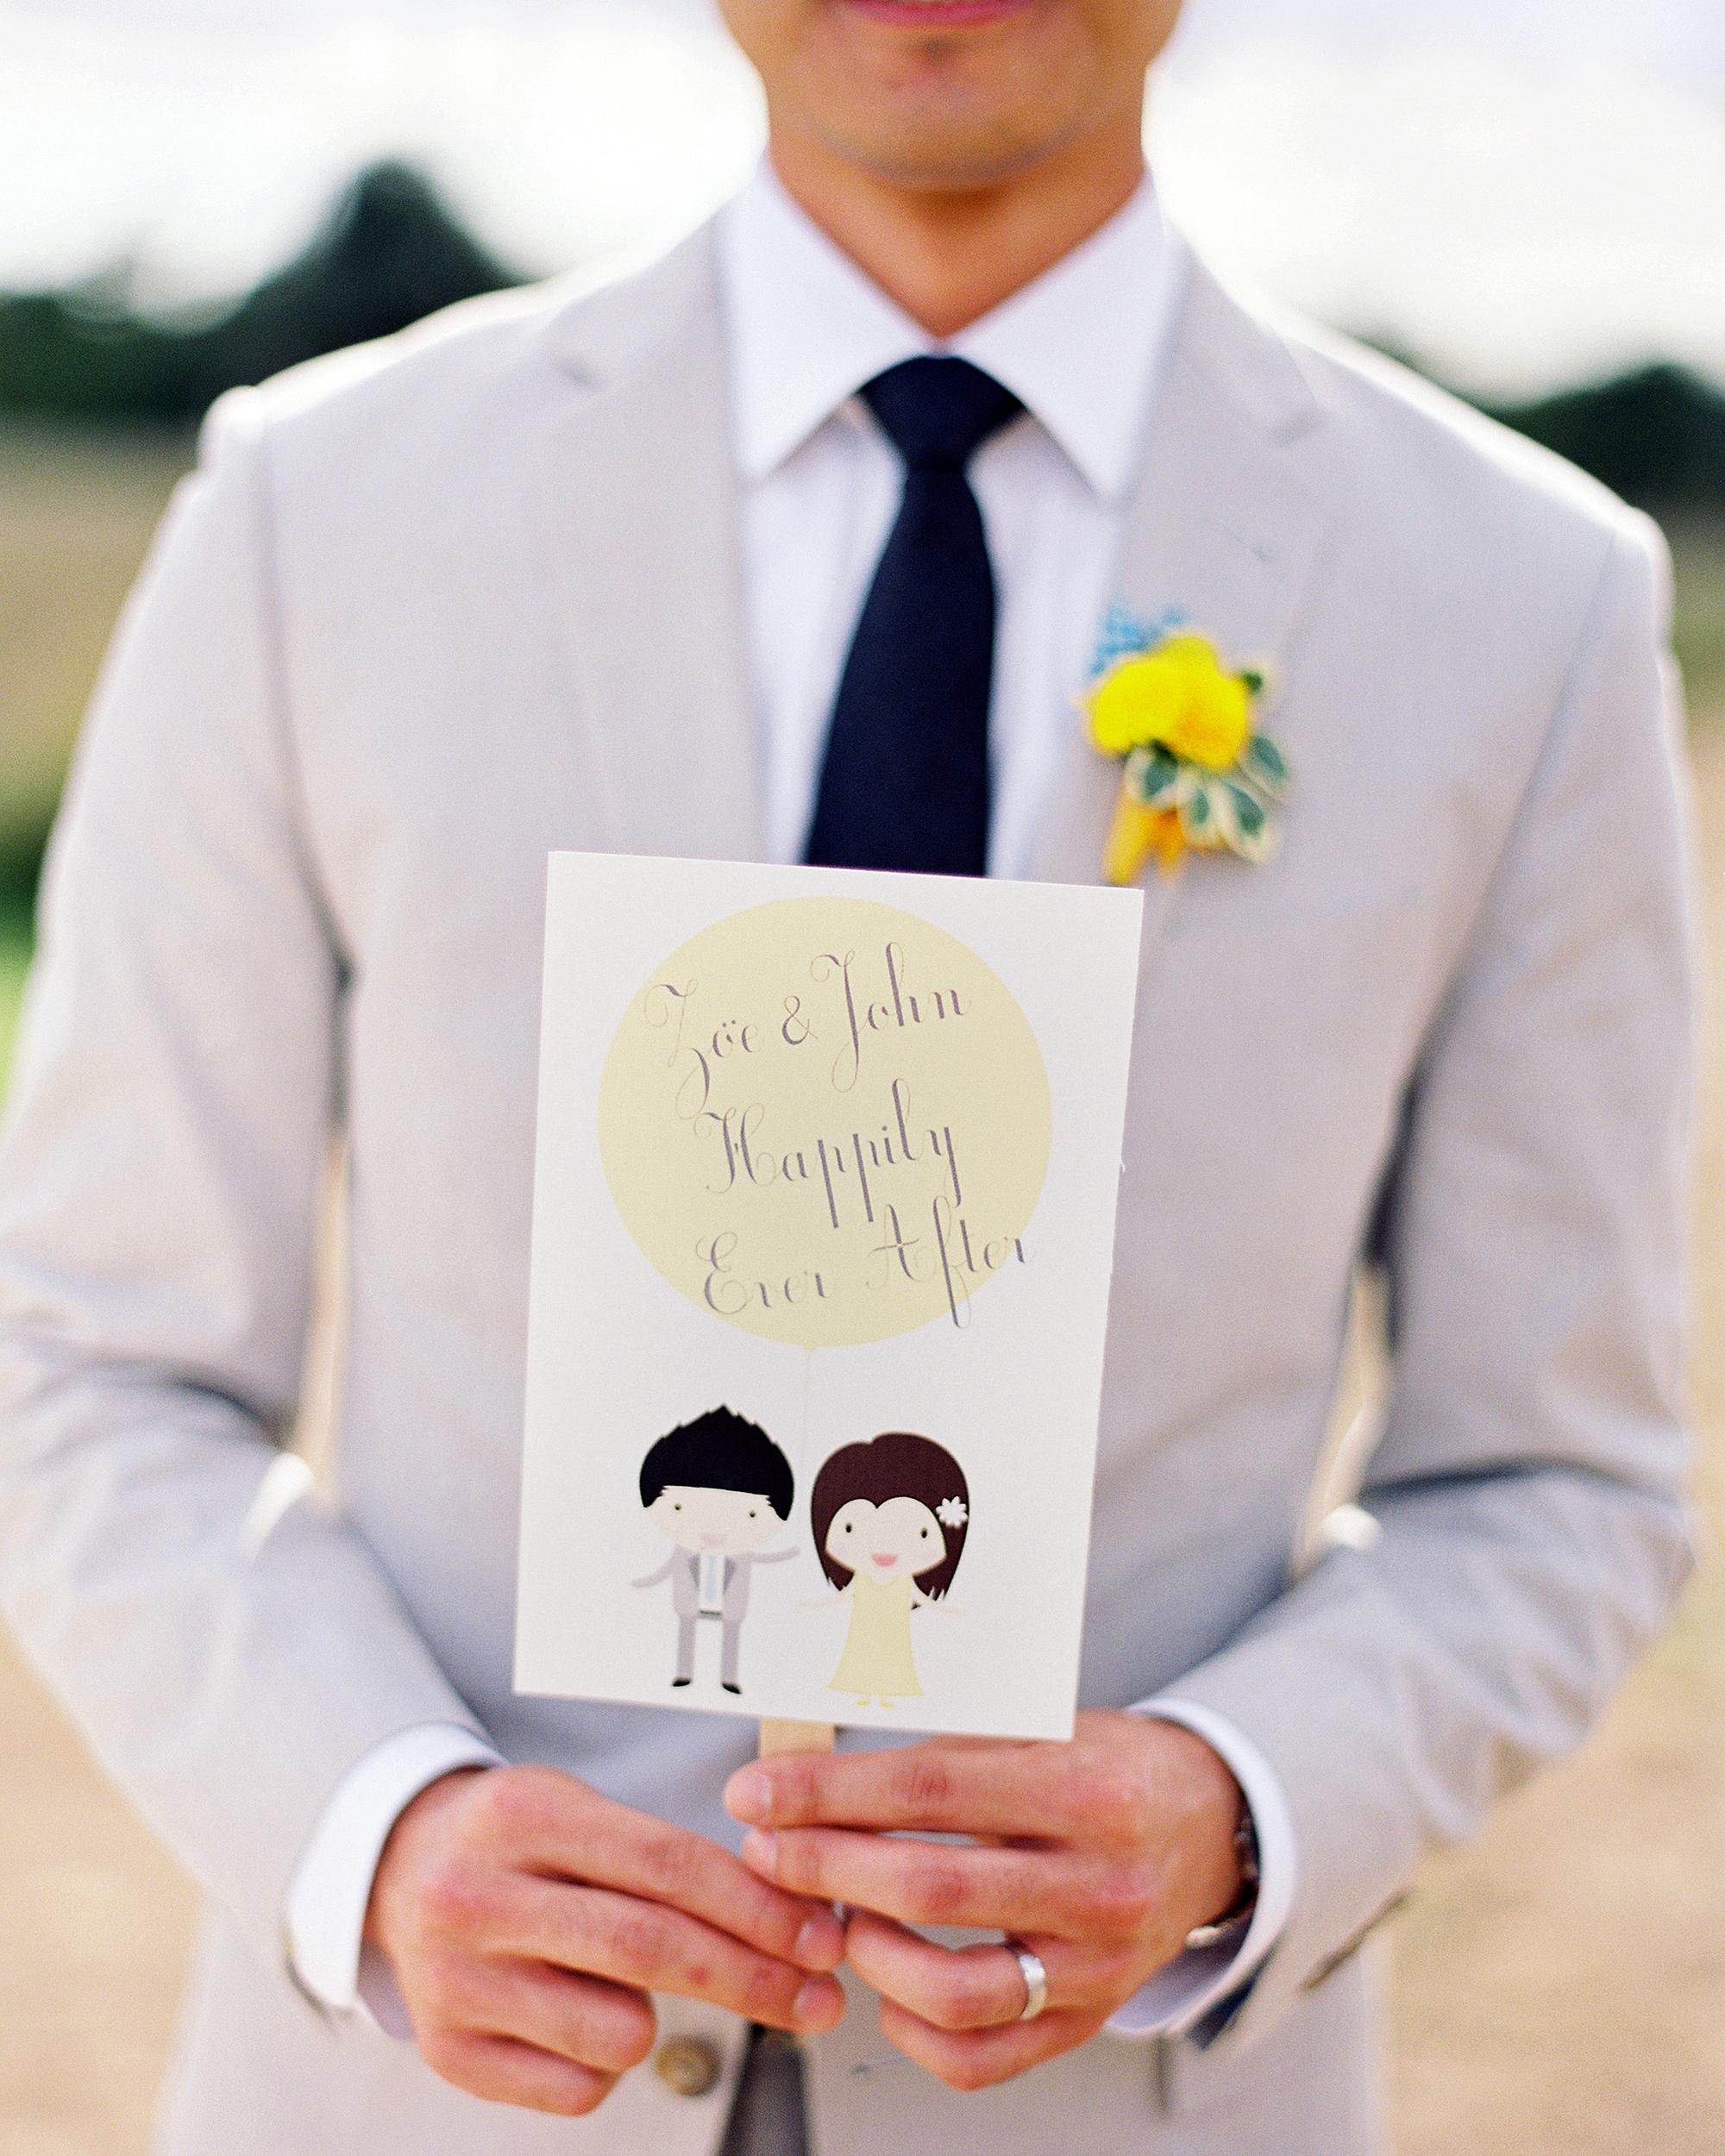 real-weddings-zoe-john-006756-R1-E004.jpg